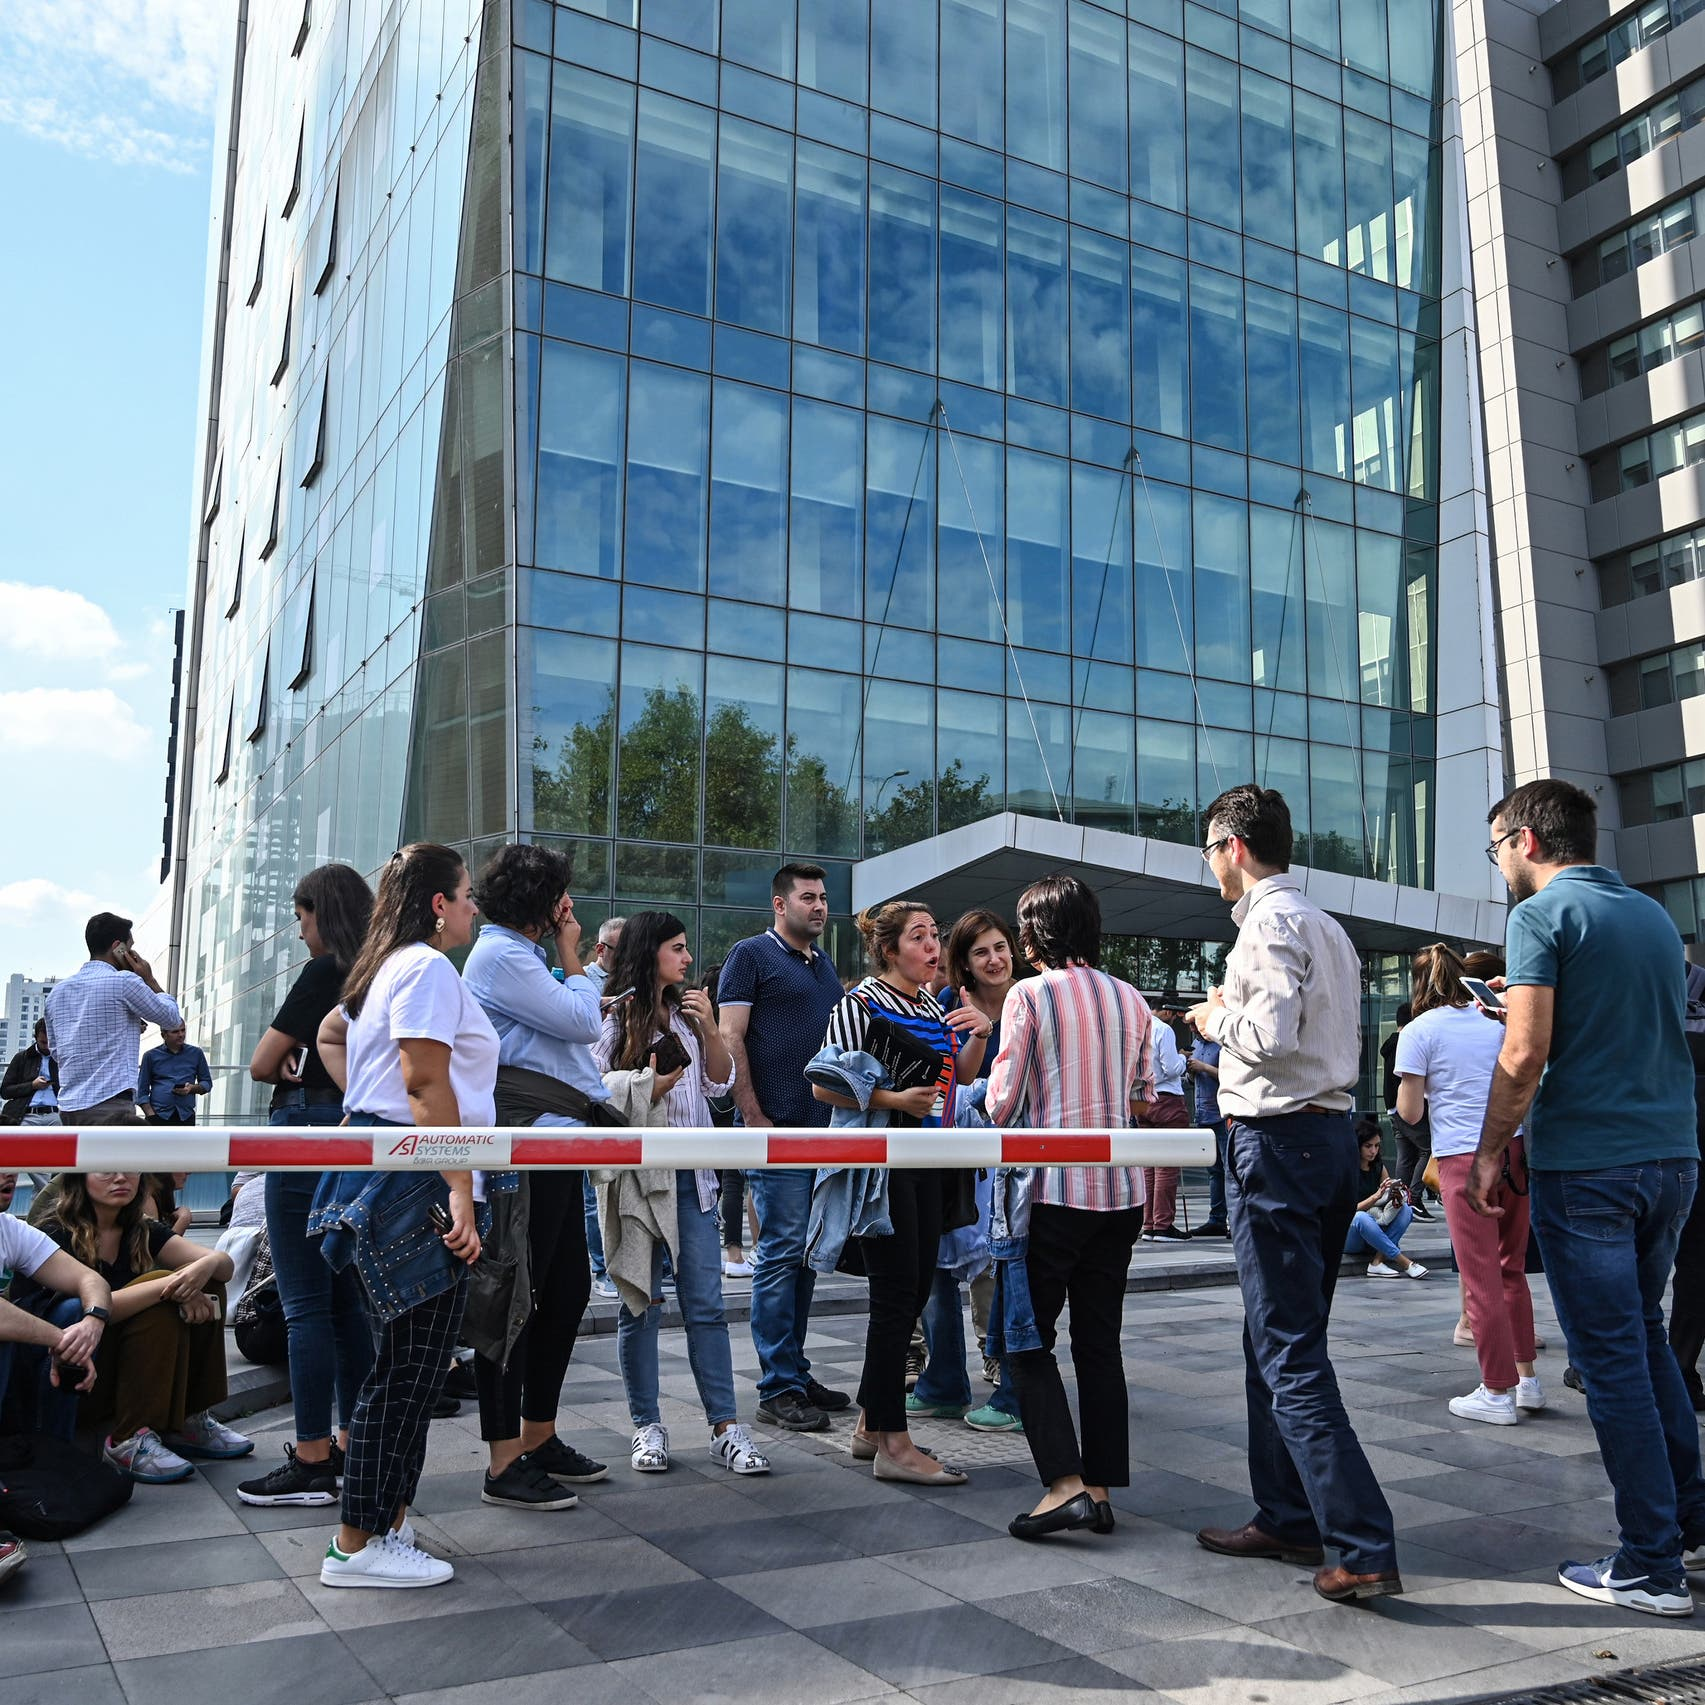 شاهد زلزالاً يهز إسطنبول.. والناس في الطرقات